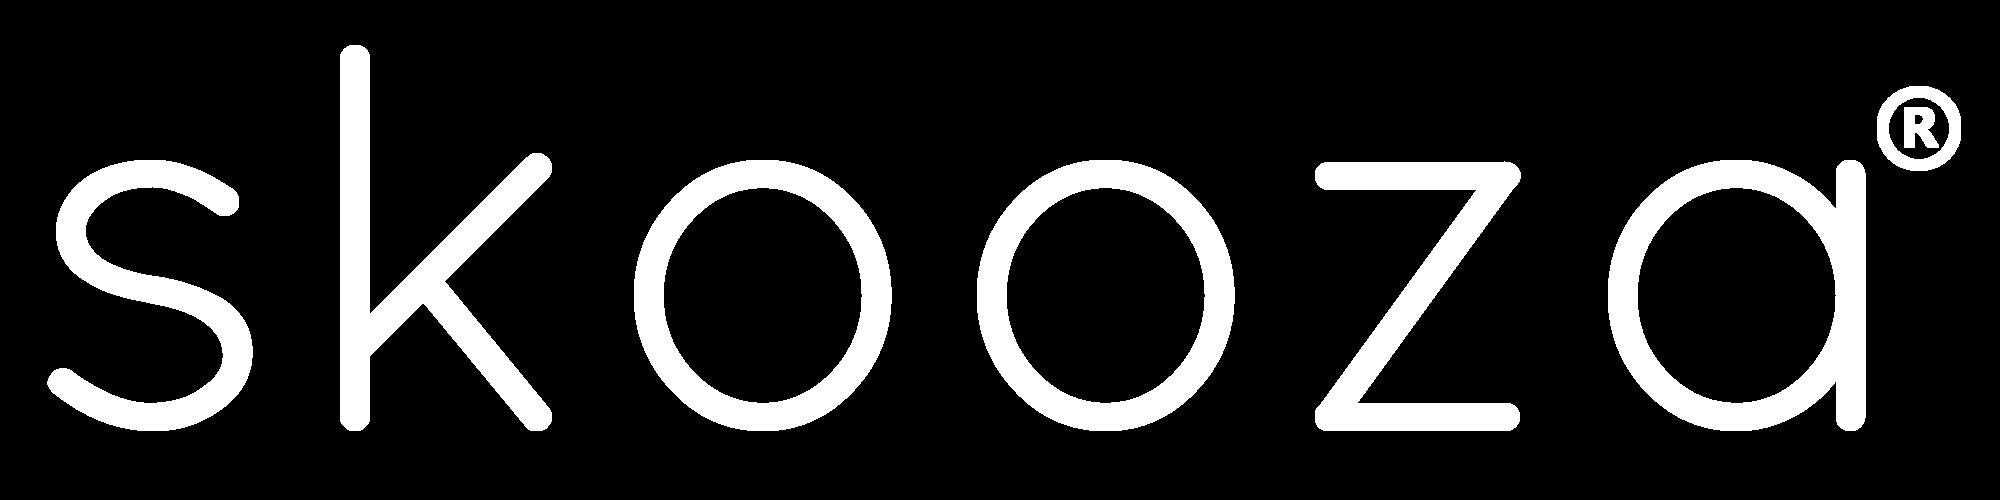 s k o o z a ®